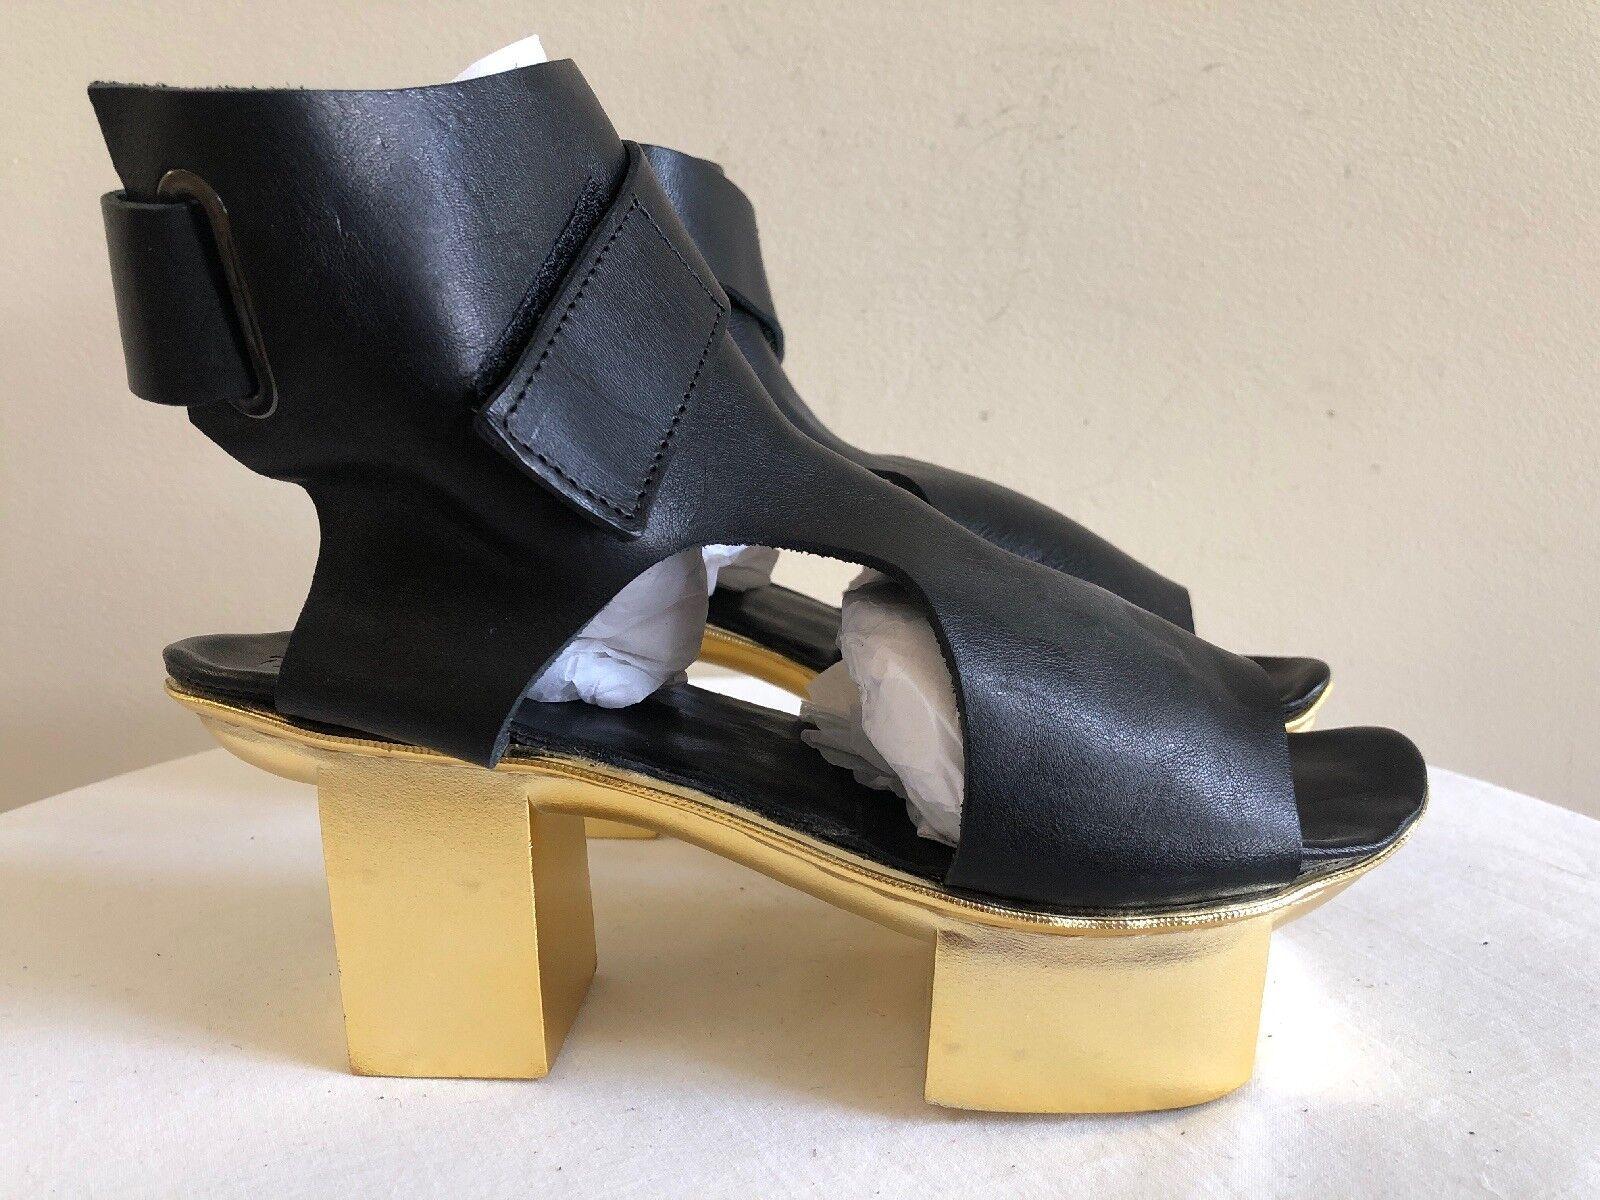 NWOB Trippen 'Bolardo 'Bolardo 'Bolardo F' Cuero Mocasines Zapatos   EU 39 US 8-9  Edición Limitada   nueva gama alta exclusiva